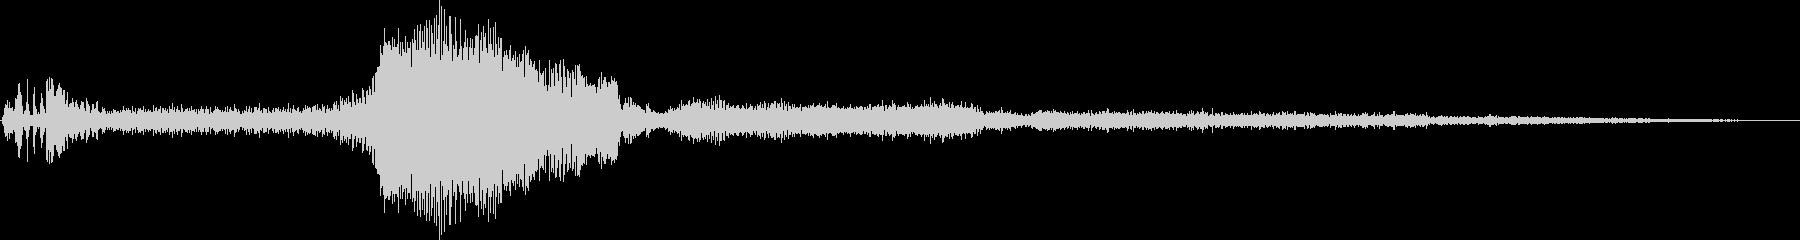 ホンダゴールドウィング1800Cc...の未再生の波形